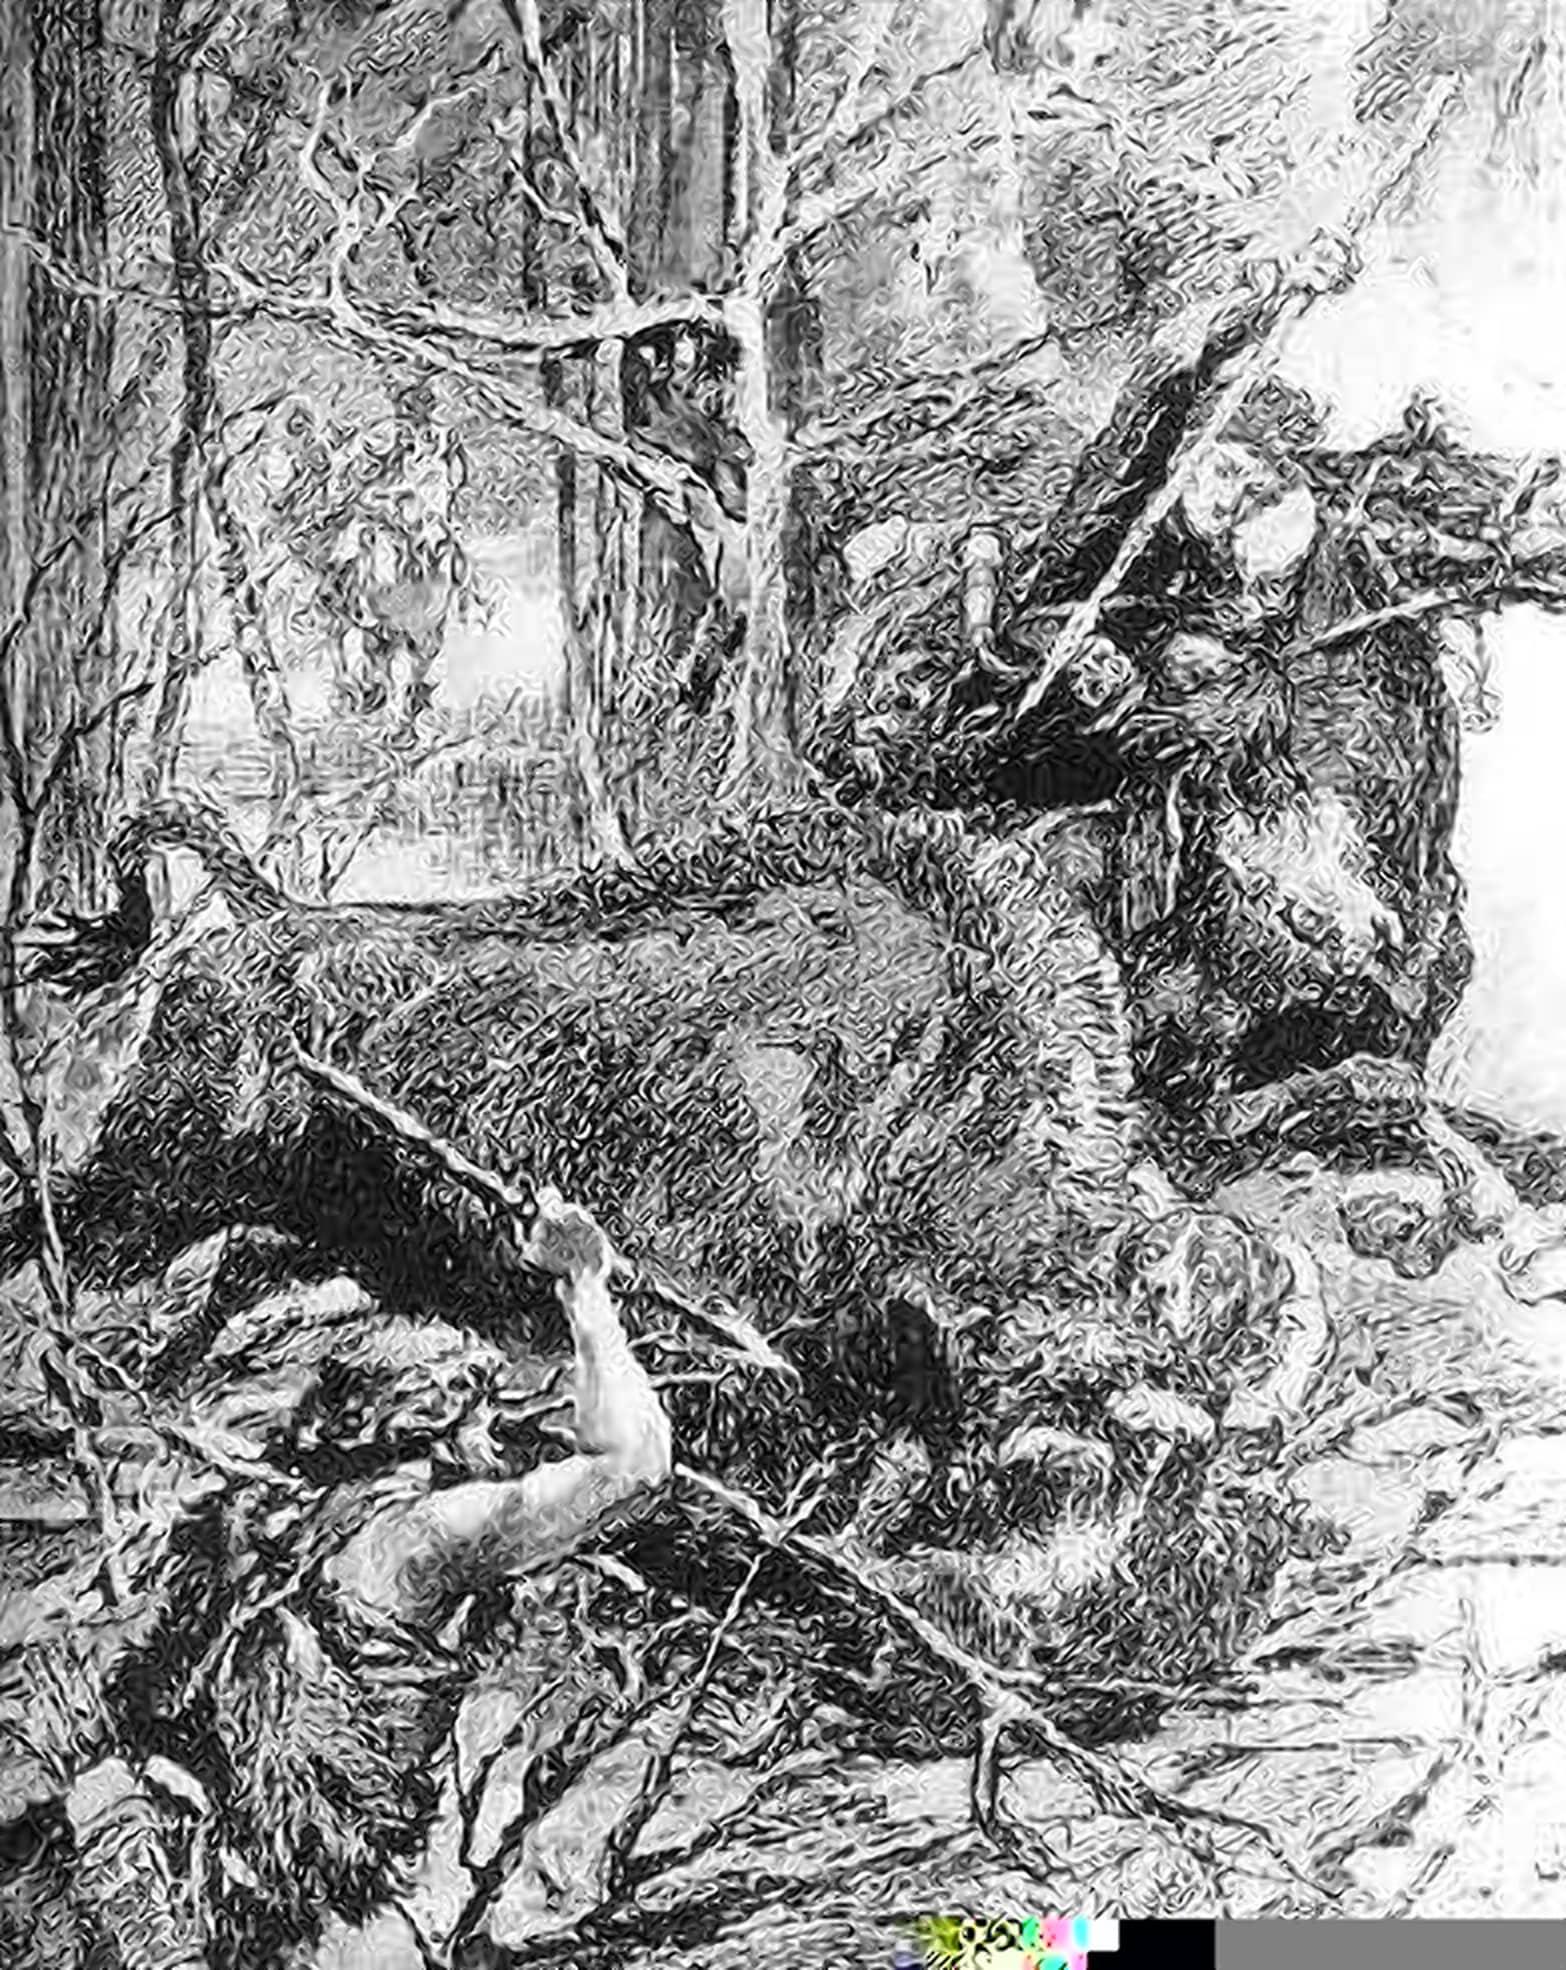 Ягайло охотится на зубра